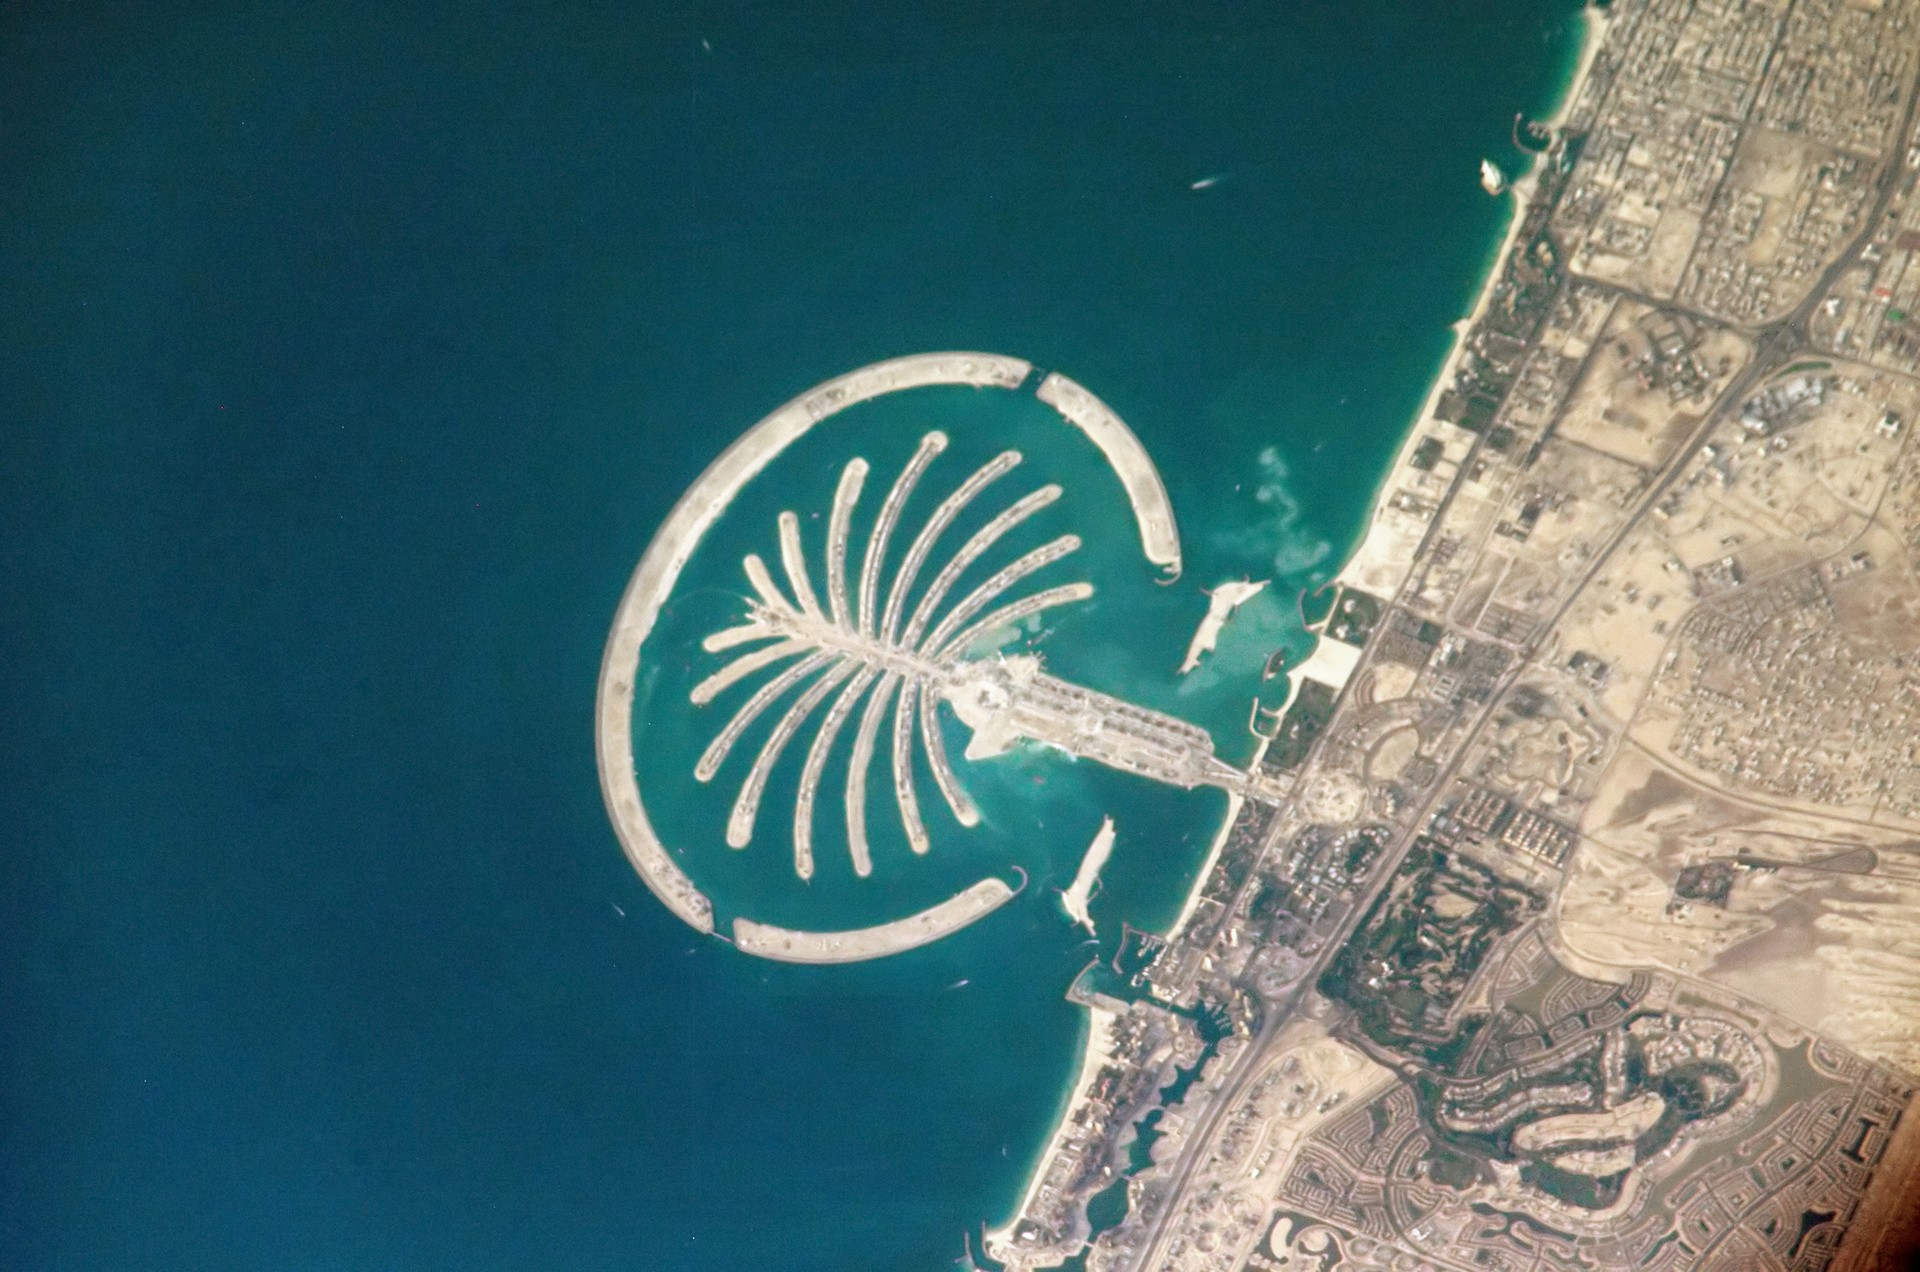 Osuszyć Morze Śródziemne, zatopić Saharę. Zobacz najbardziej szalone projekty budowlane i inżynieryjne świata – Polskatimes.pl